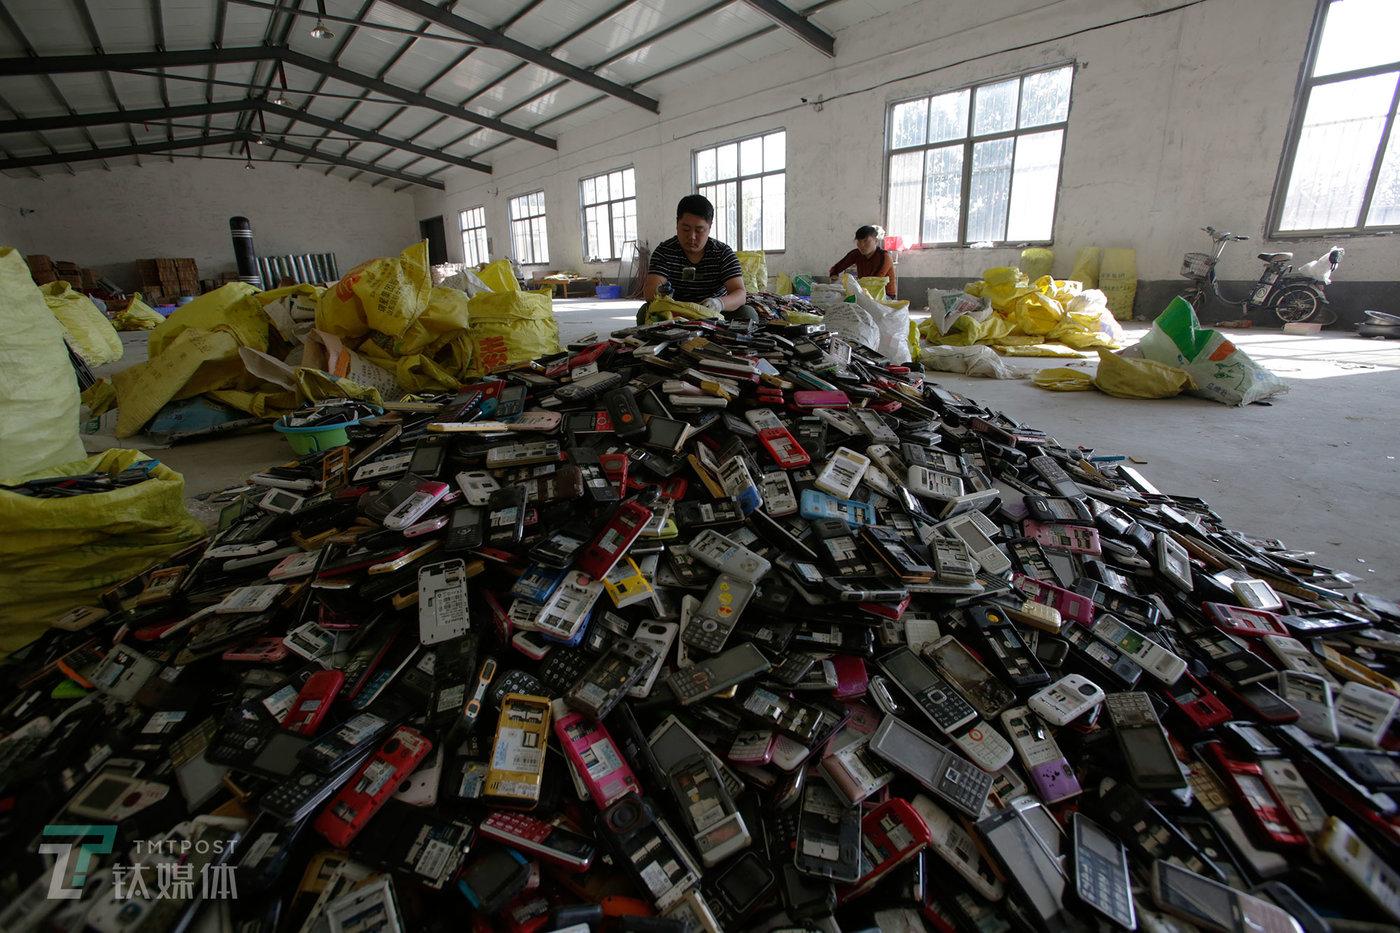 10月11日,山东梁山一家废旧手机回收公司,工人在对回收过来的手机进行分类拣选。